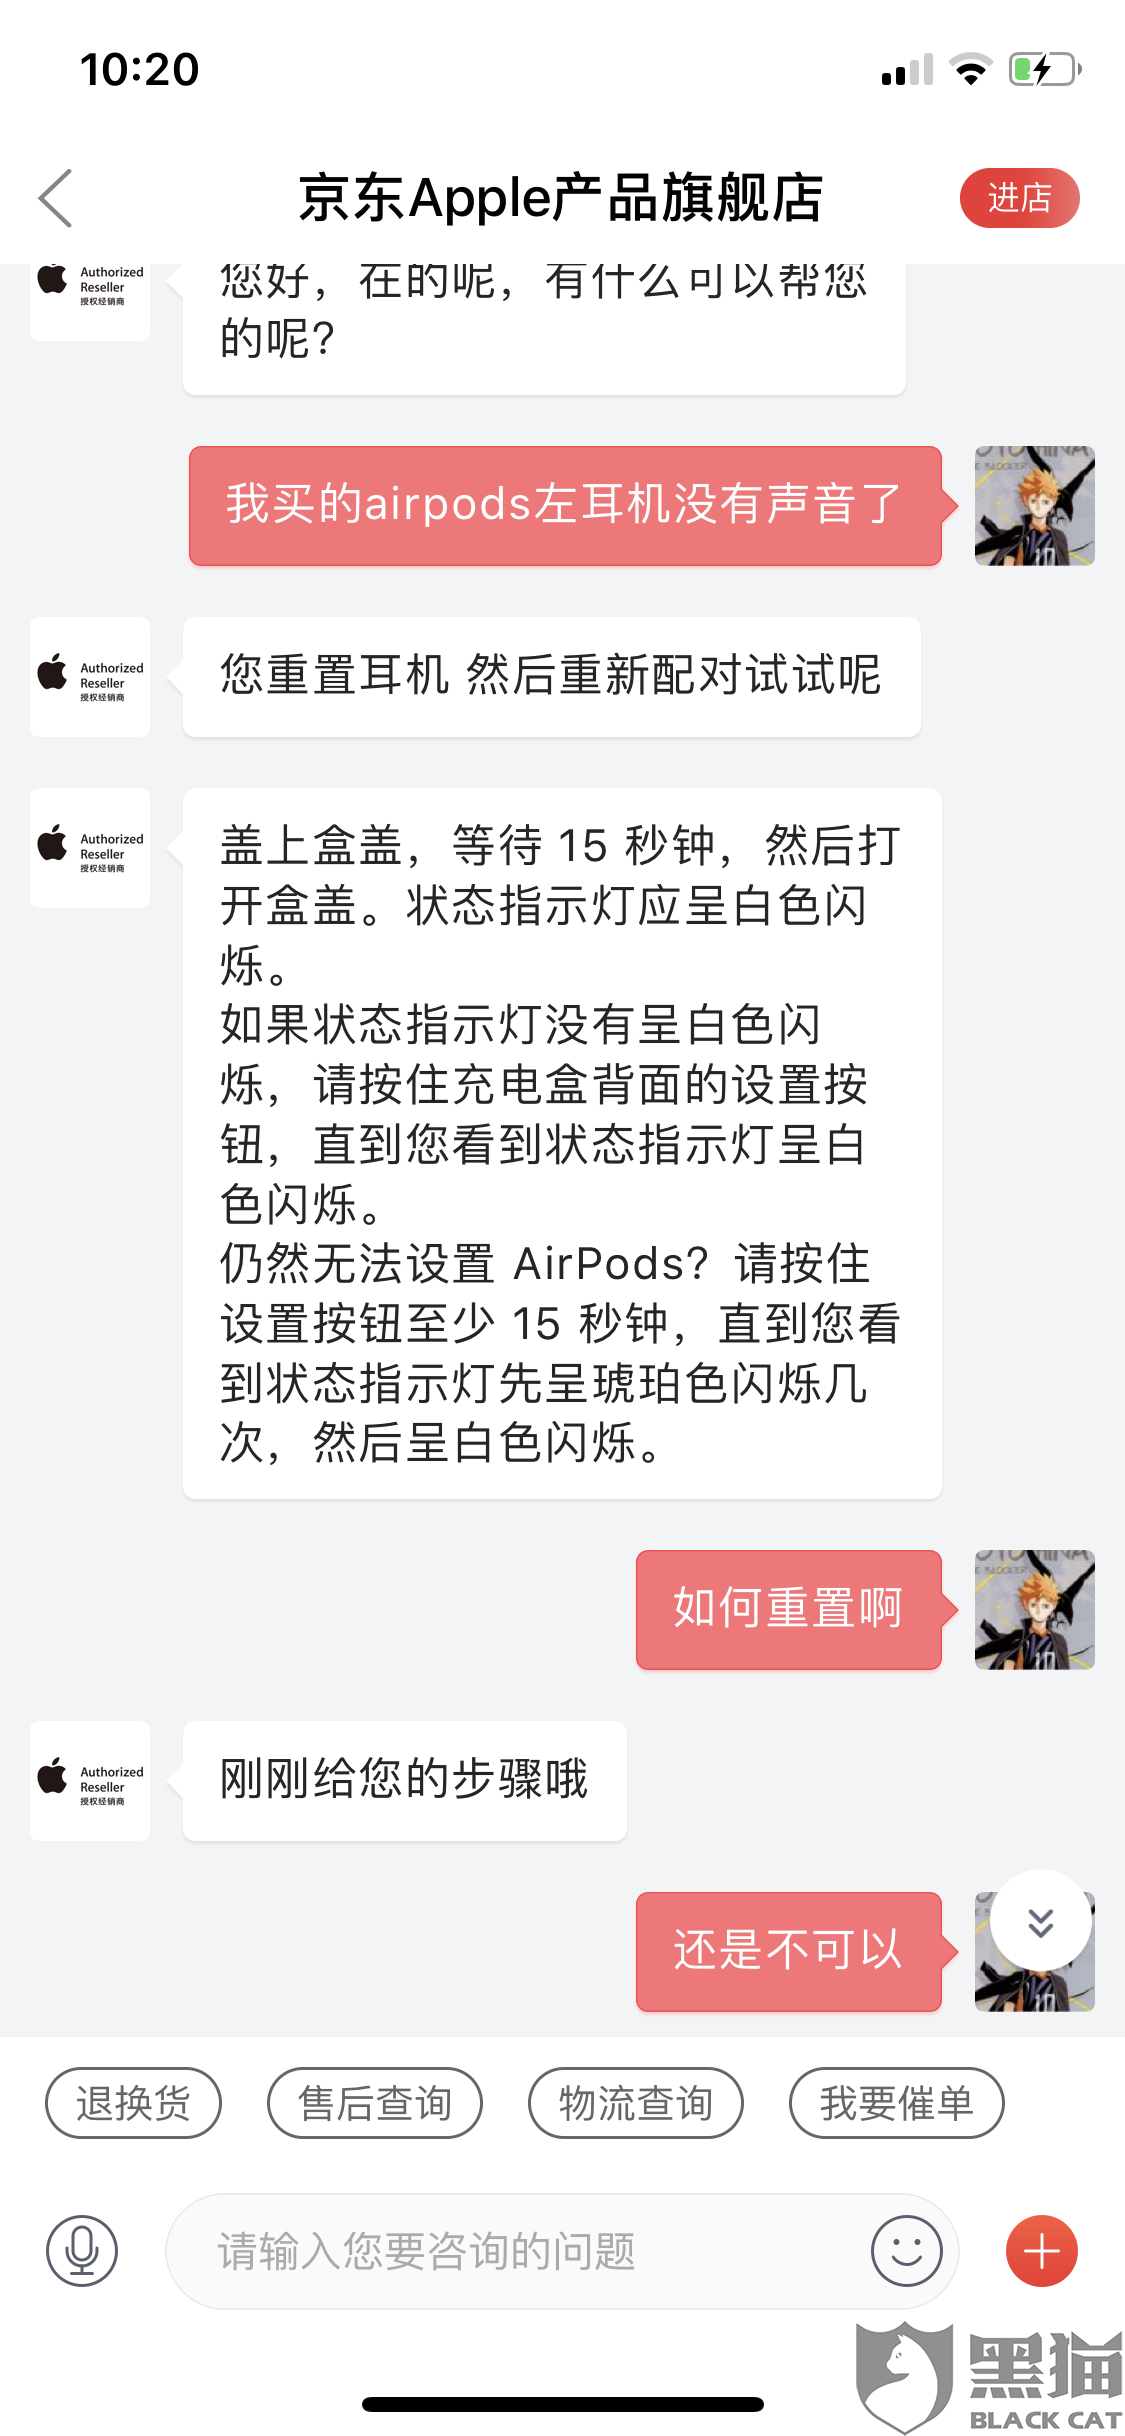 黑猫投诉:京东购买的airpods质量存在问题 客服不予退换 维修也需要付费